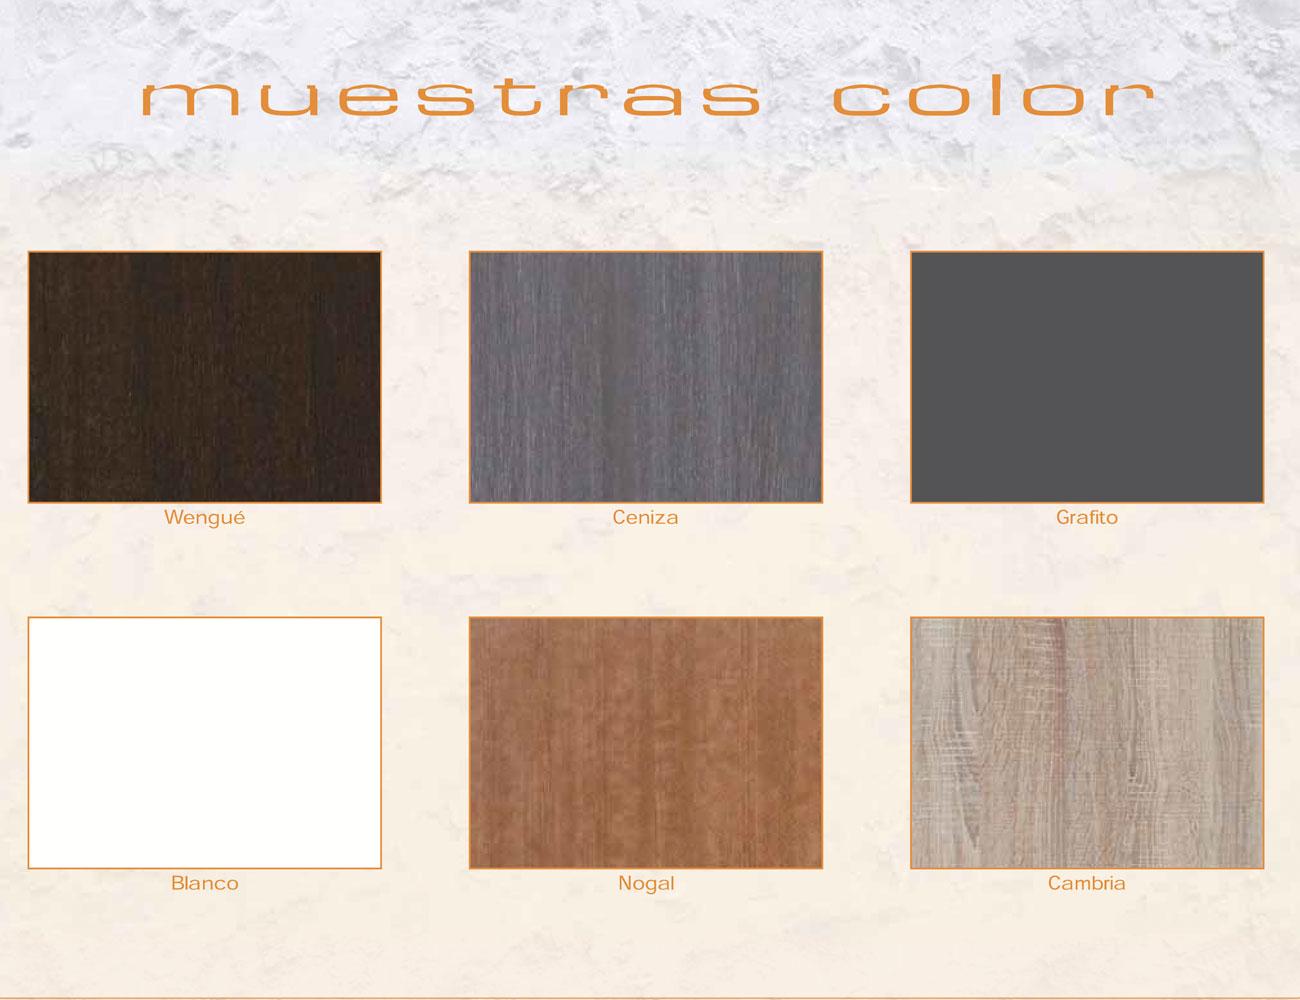 Muestras color muebles expo8